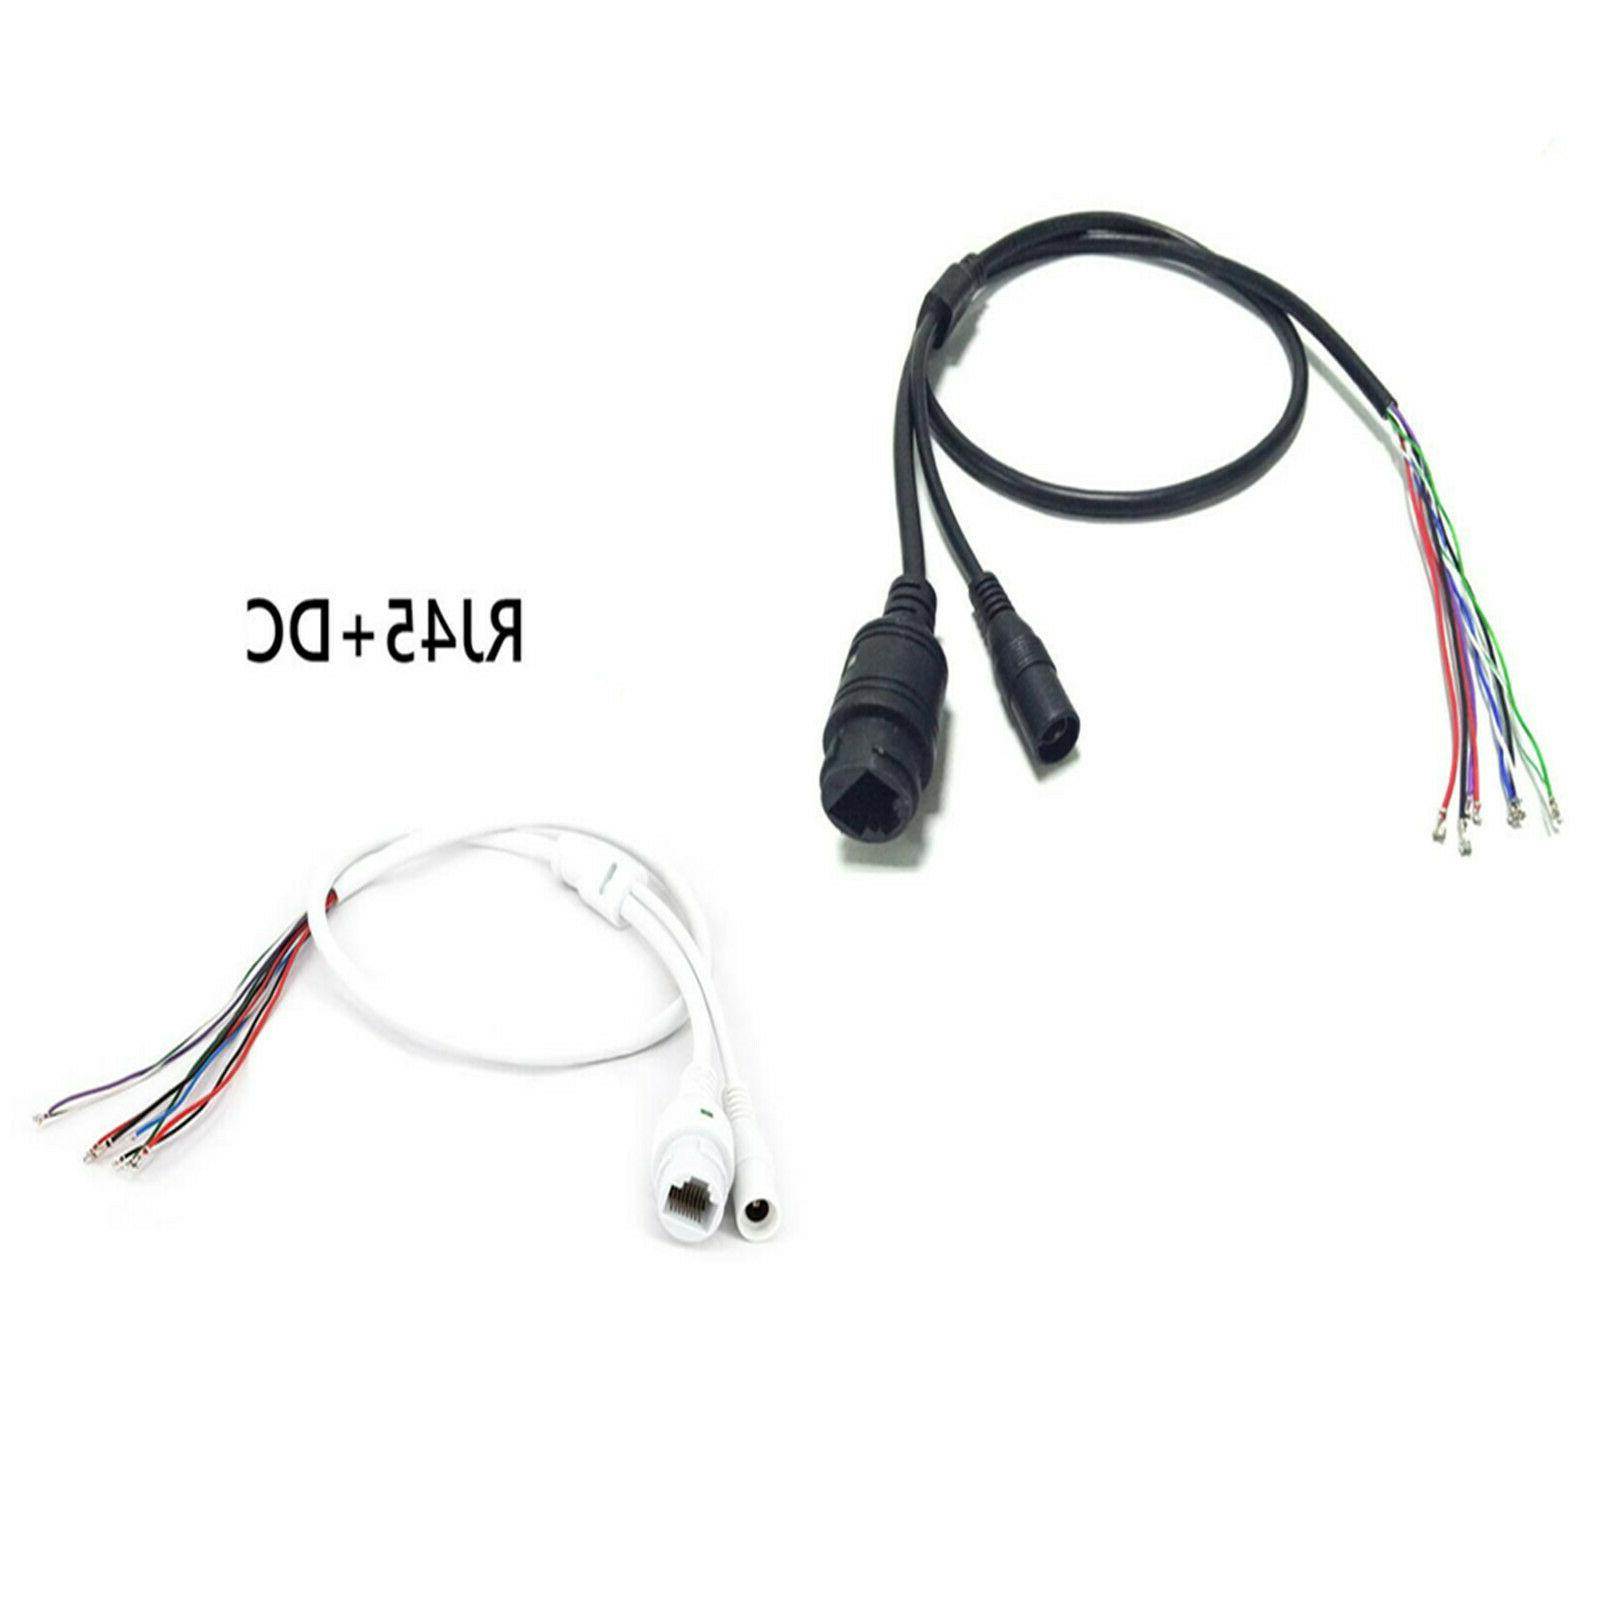 rj45 waterproof connector for outdoor network ip